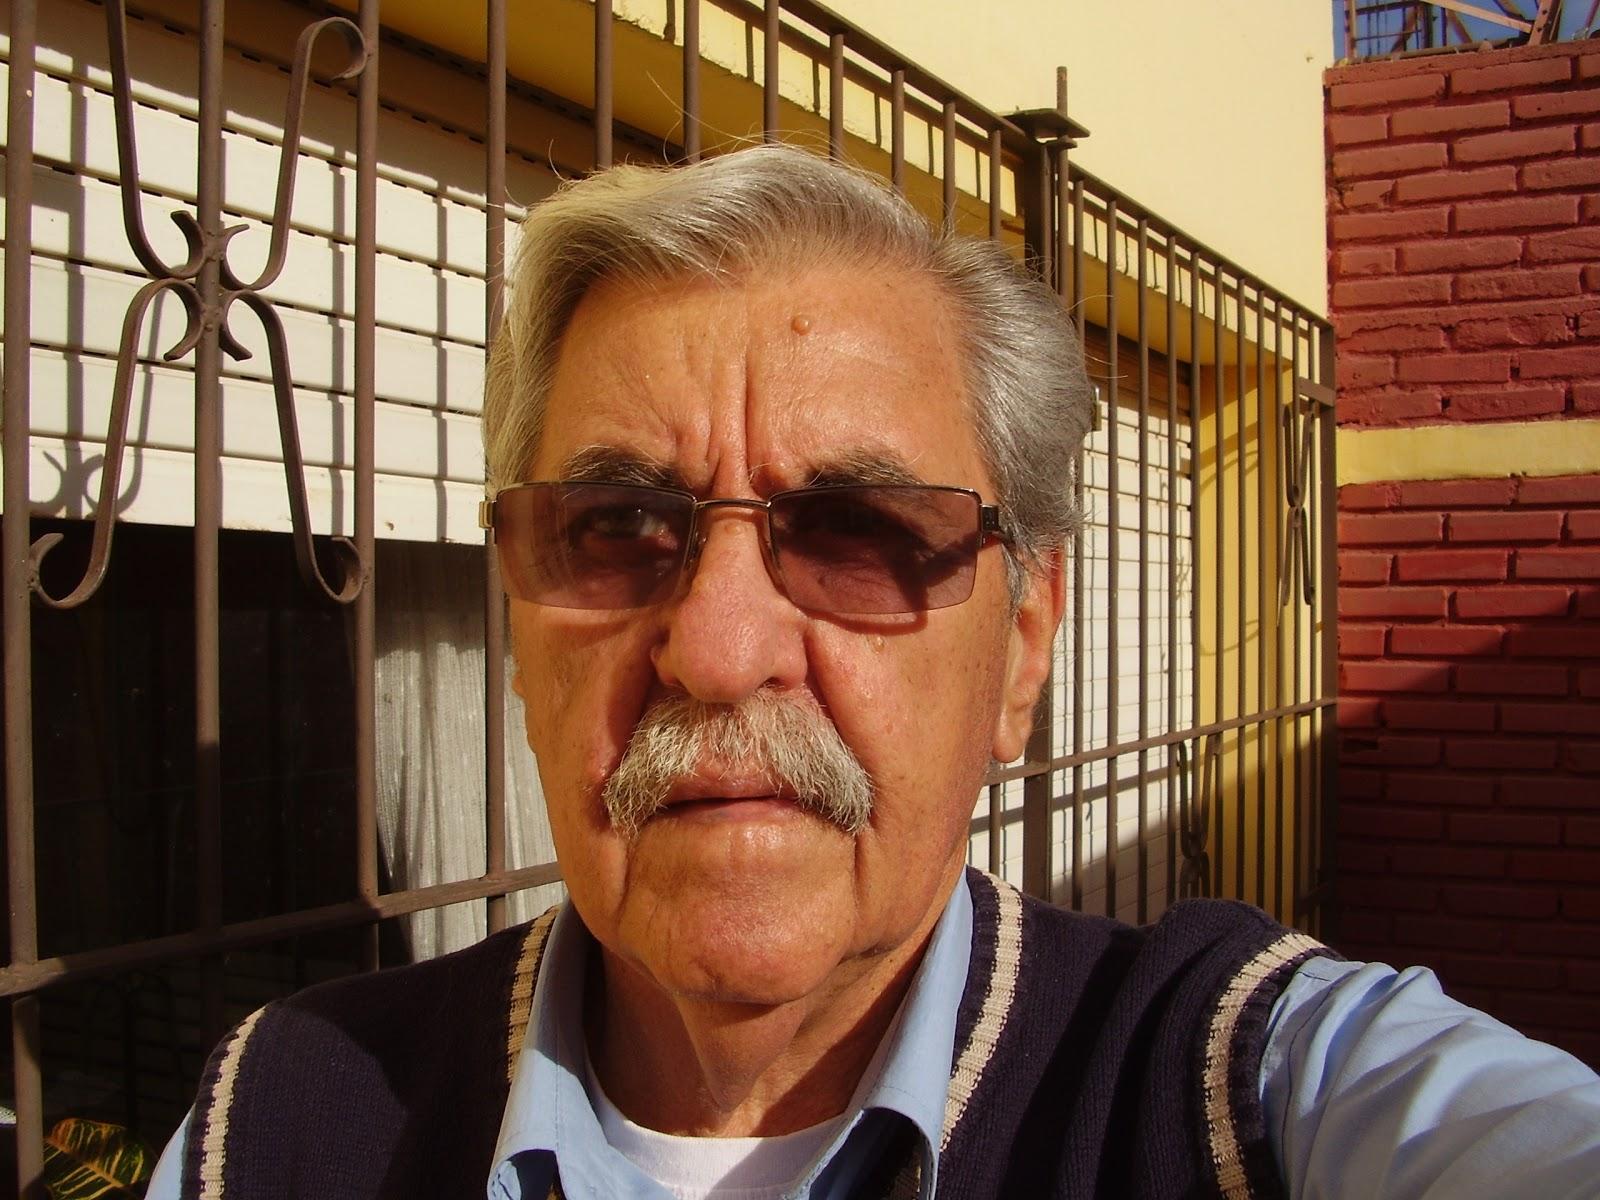 El Blog De Juanjo Pereyra # Hegui Muebles Jose Hernandez